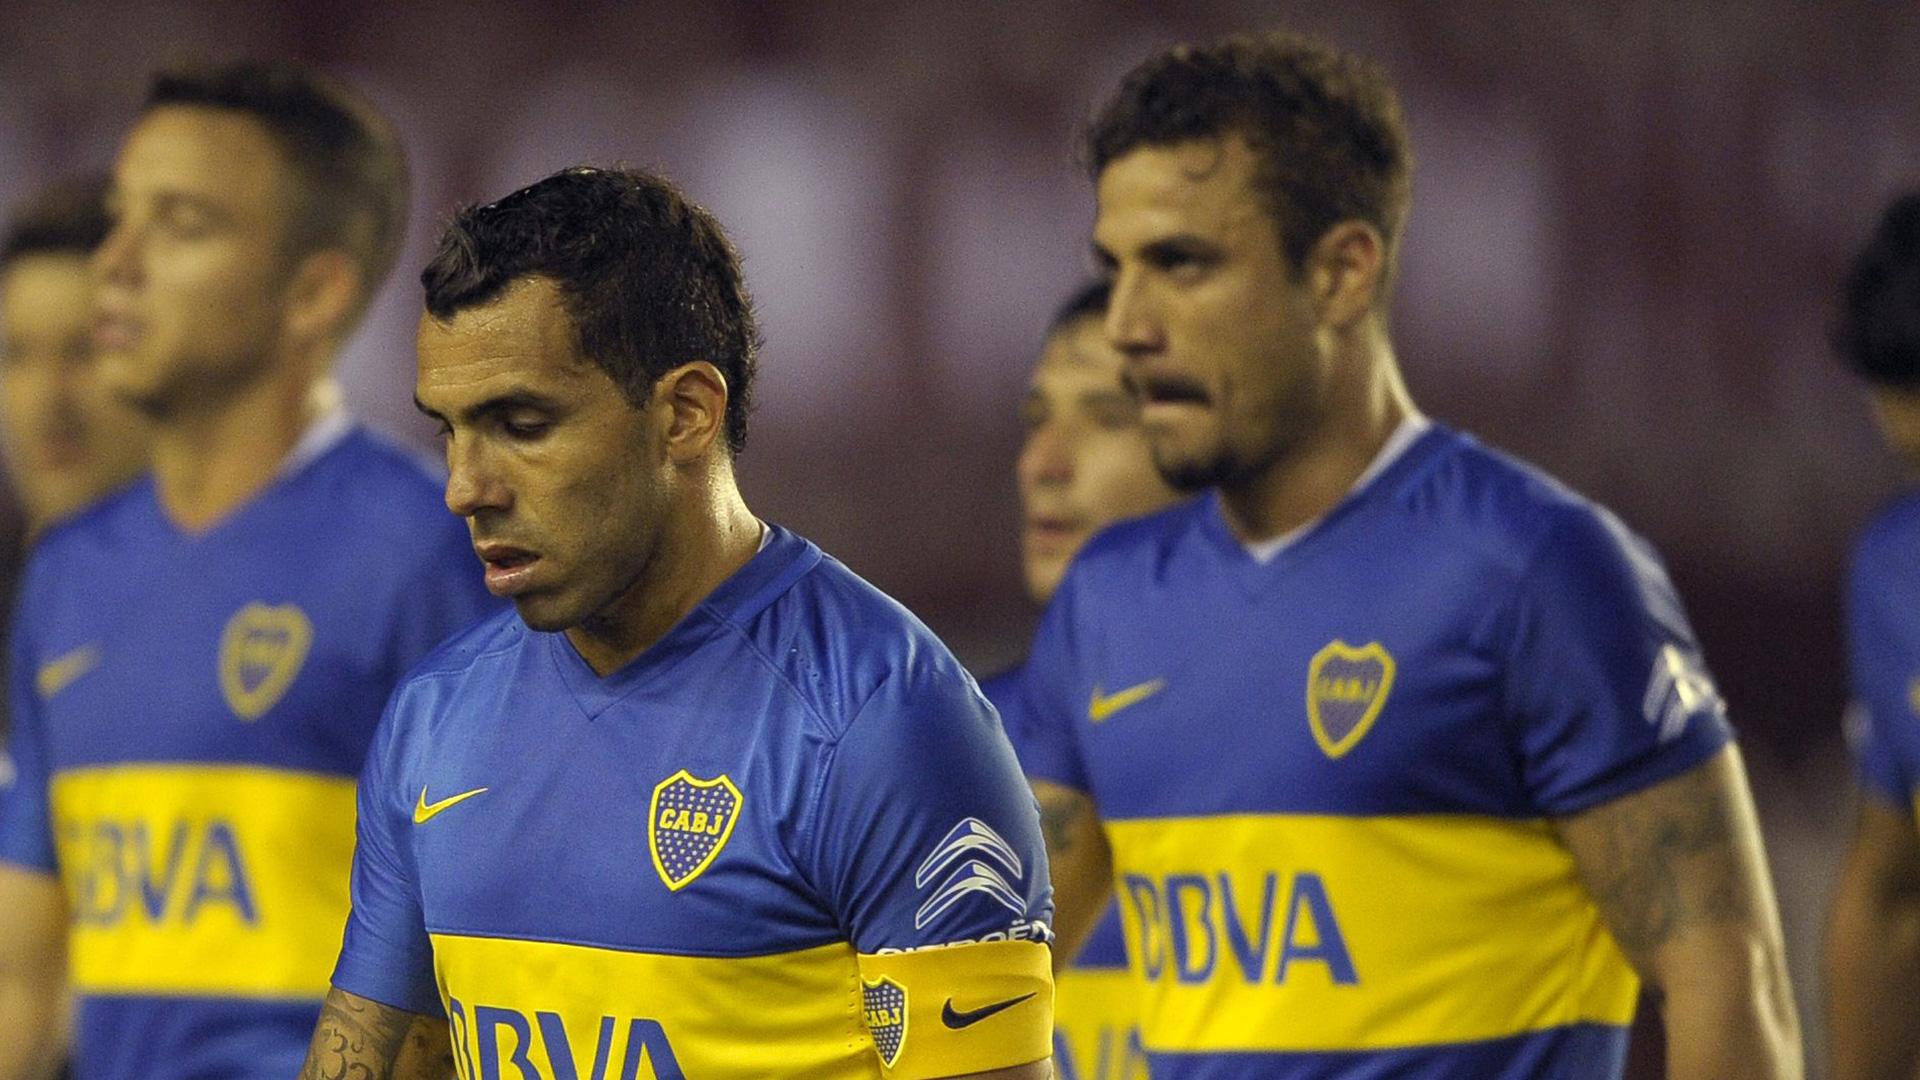 Carlos Tevez Daniel Osvaldo Boca Juniors Lanus Primera Division Argentina 20032016